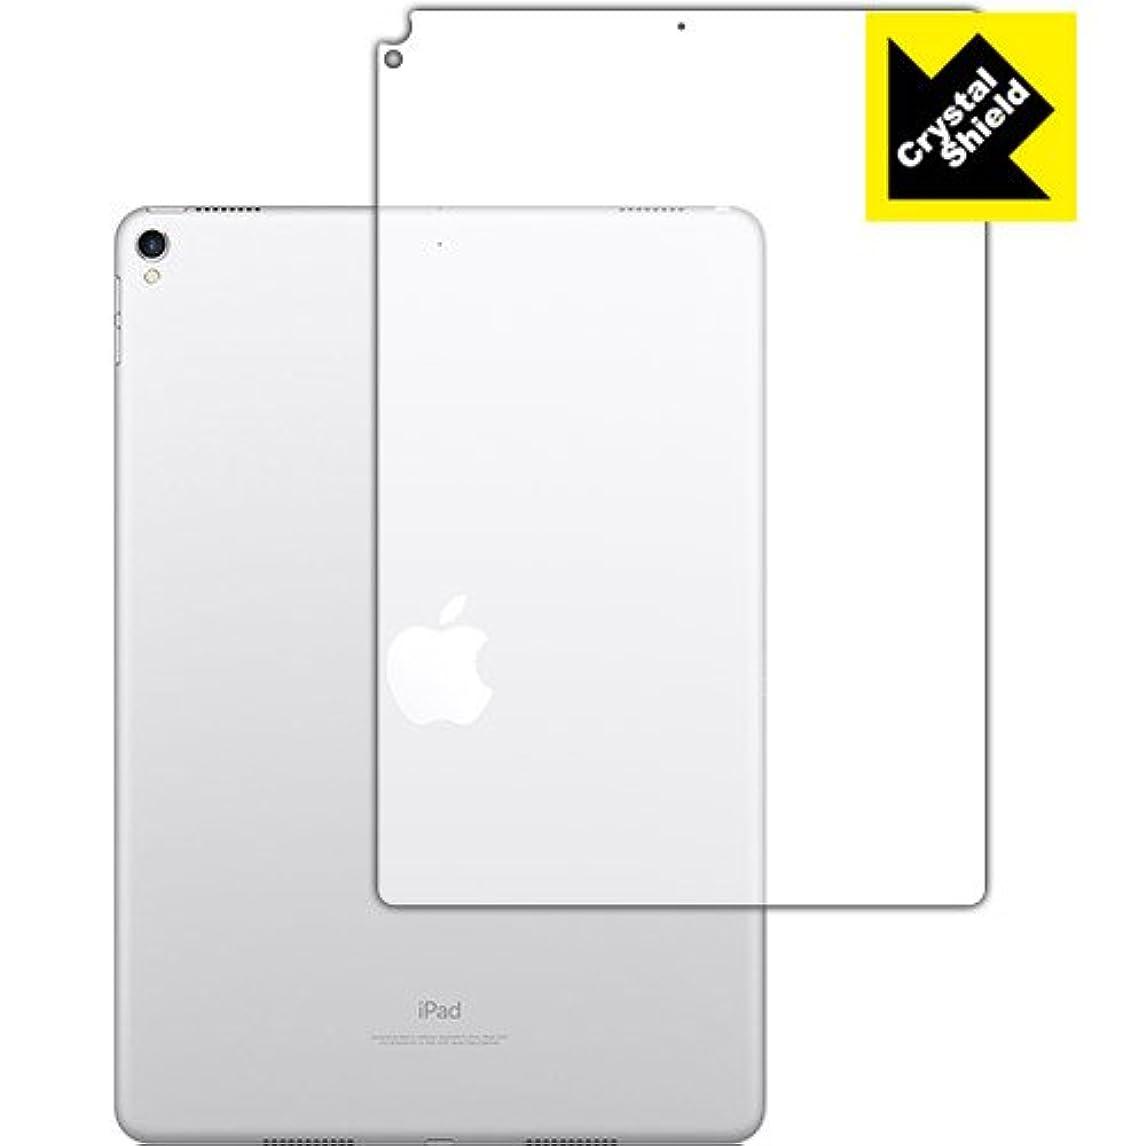 注意セメント花火防気泡 フッ素防汚コート 光沢保護フィルム Crystal Shield iPad Pro (10.5インチ) 背面のみ[Wi-Fiモデル]日本製